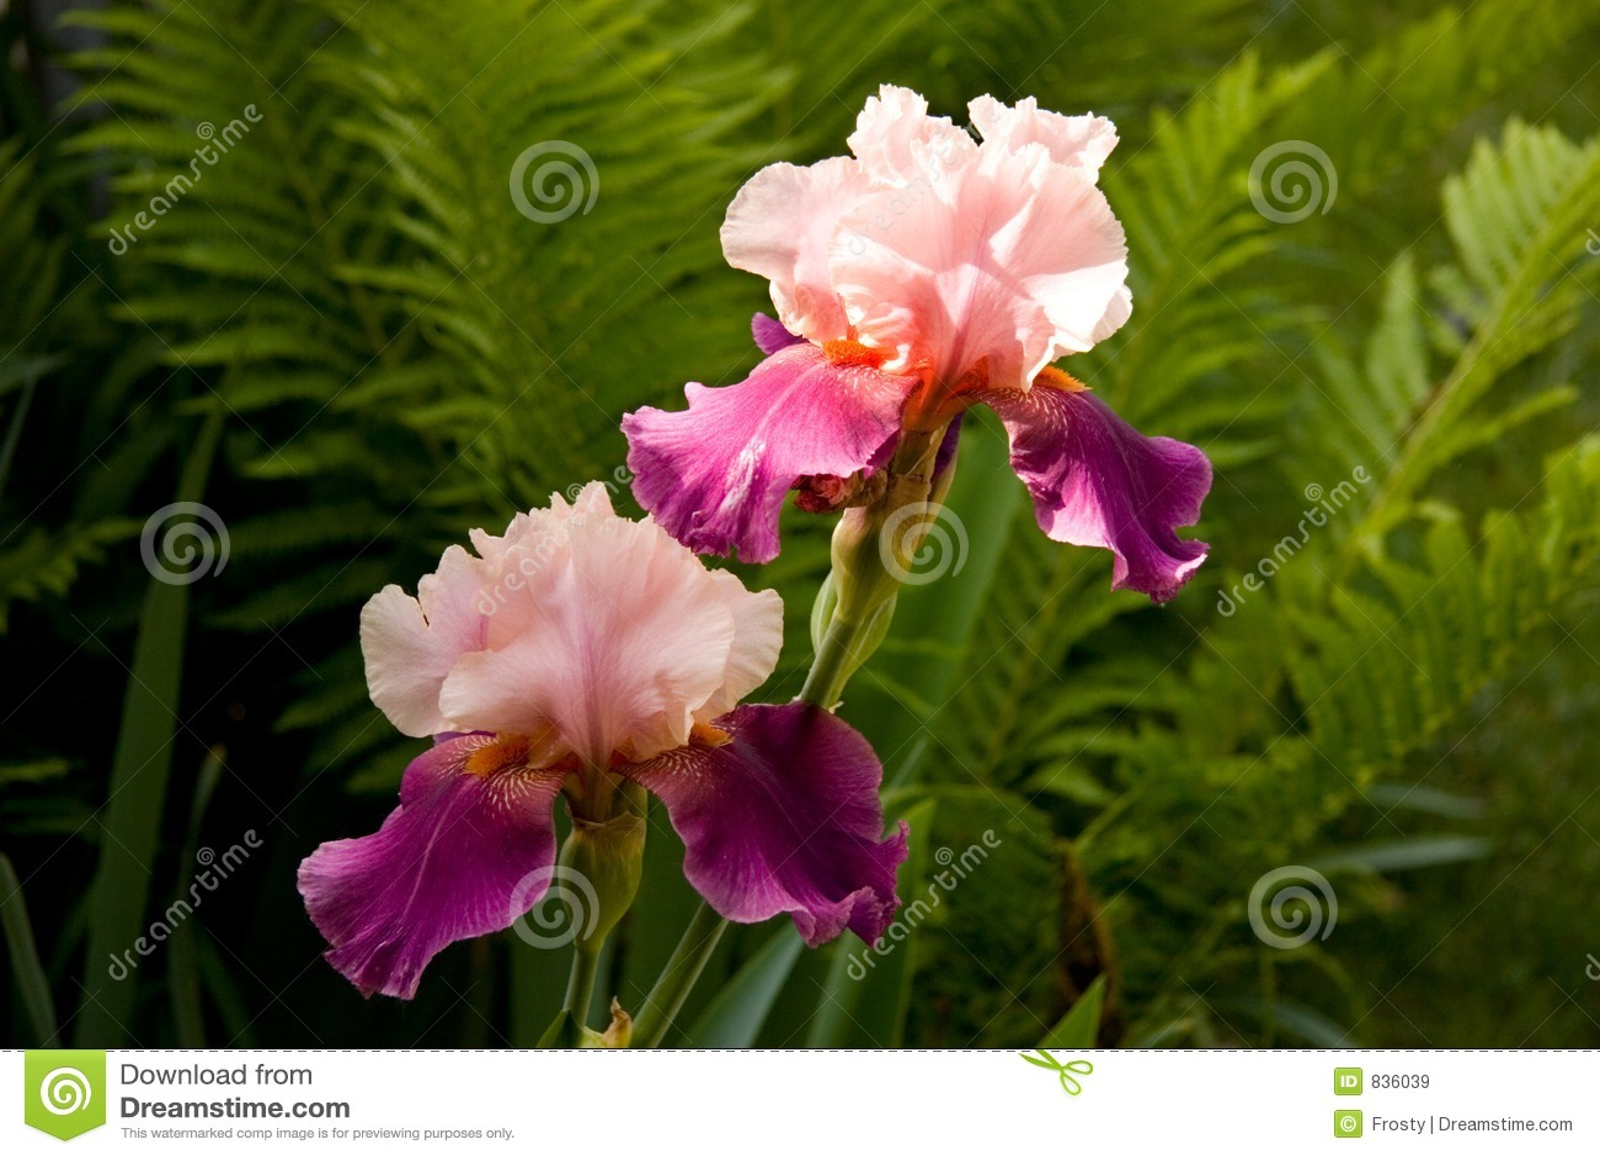 Iris images libres de droits image 836039 - Langage des fleurs iris ...